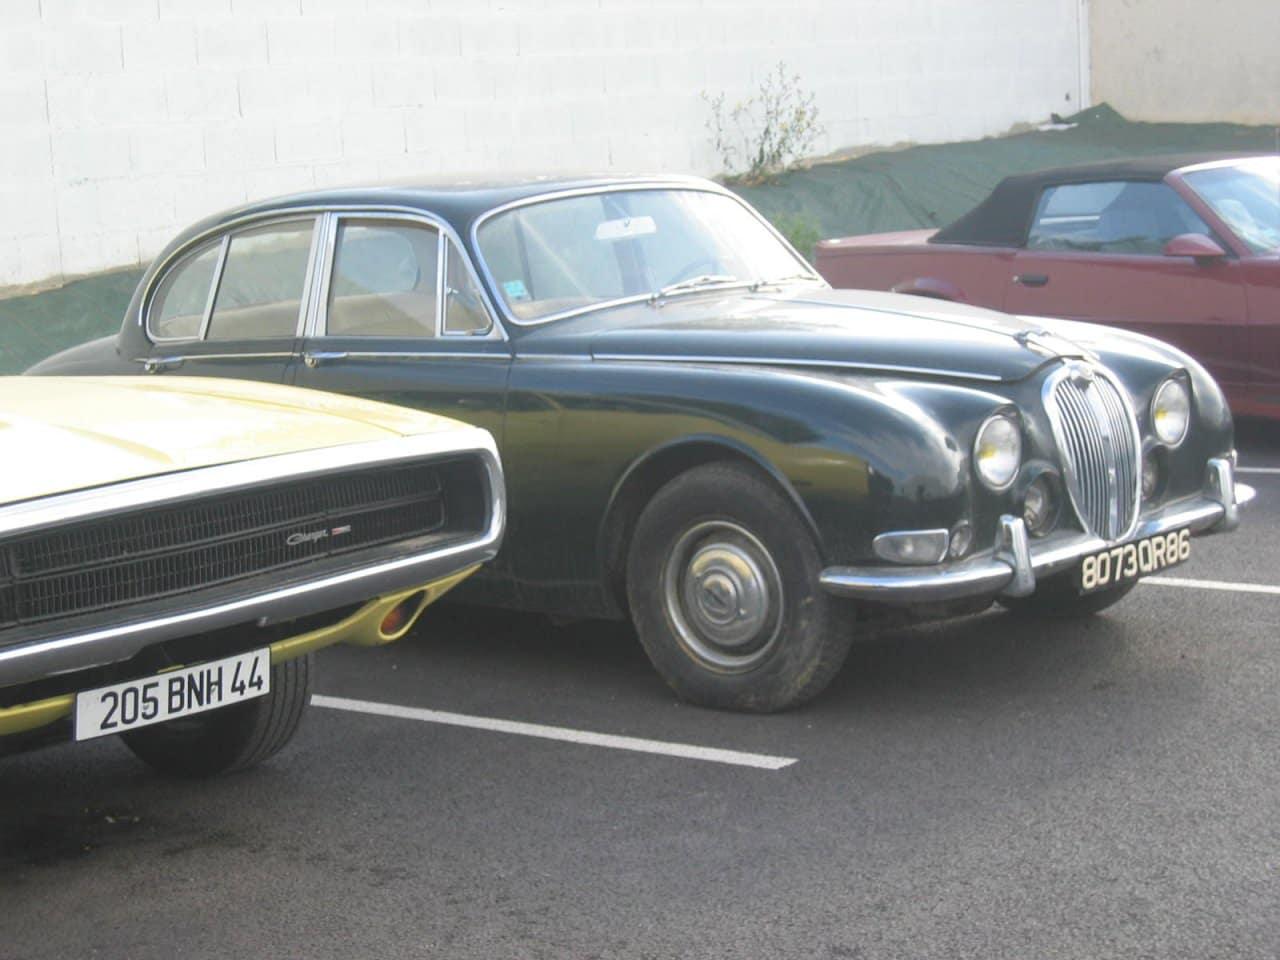 Jaguard 3.8L s type